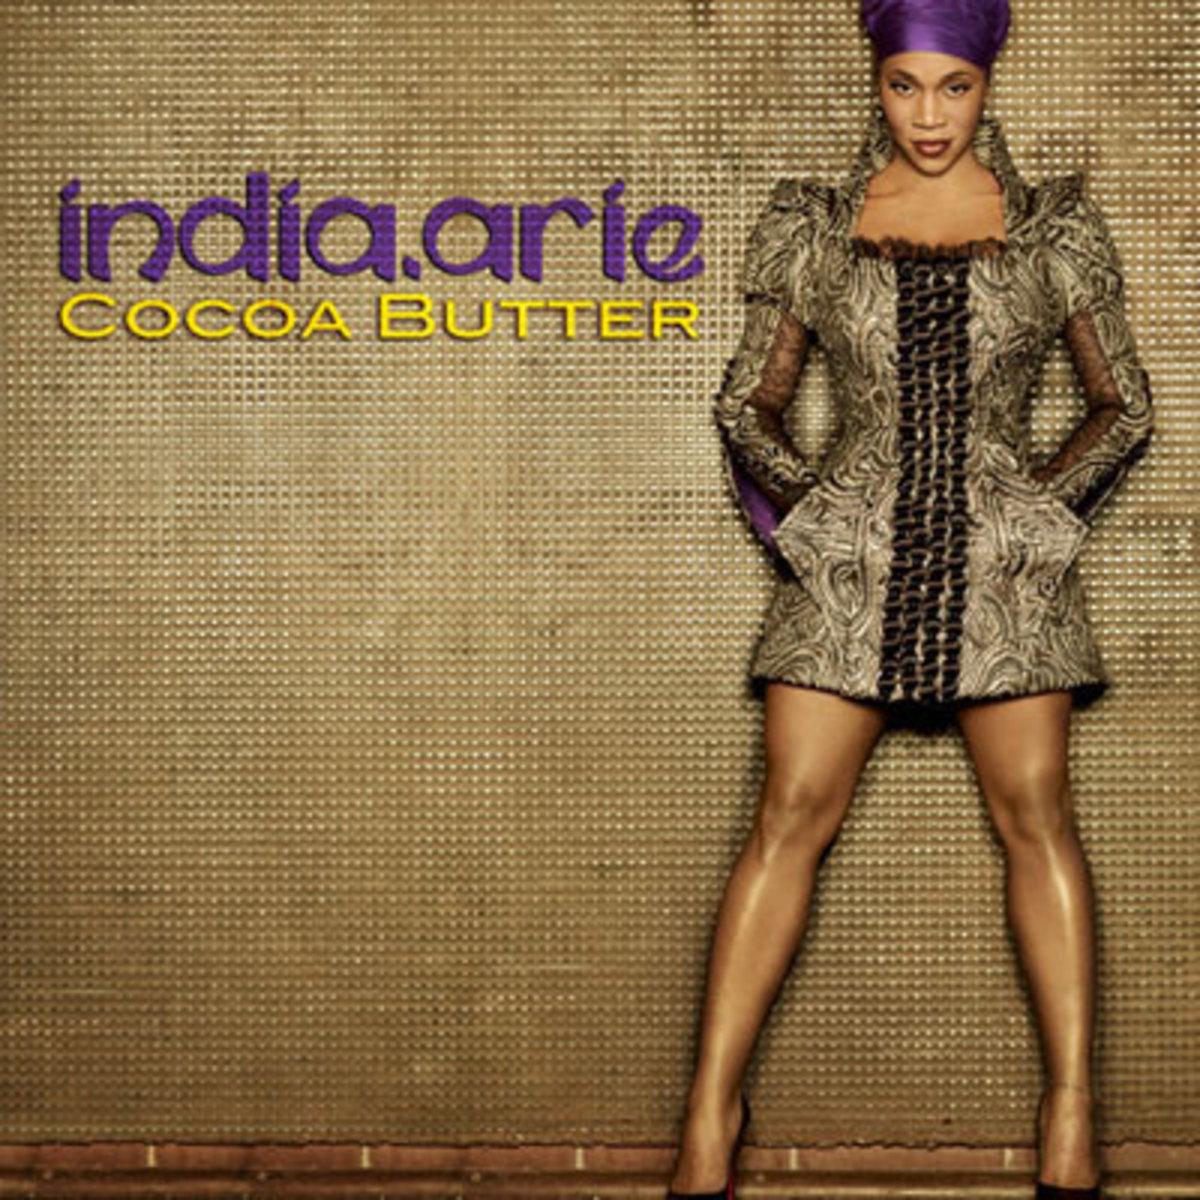 indiaarie-cocoabutter.jpg